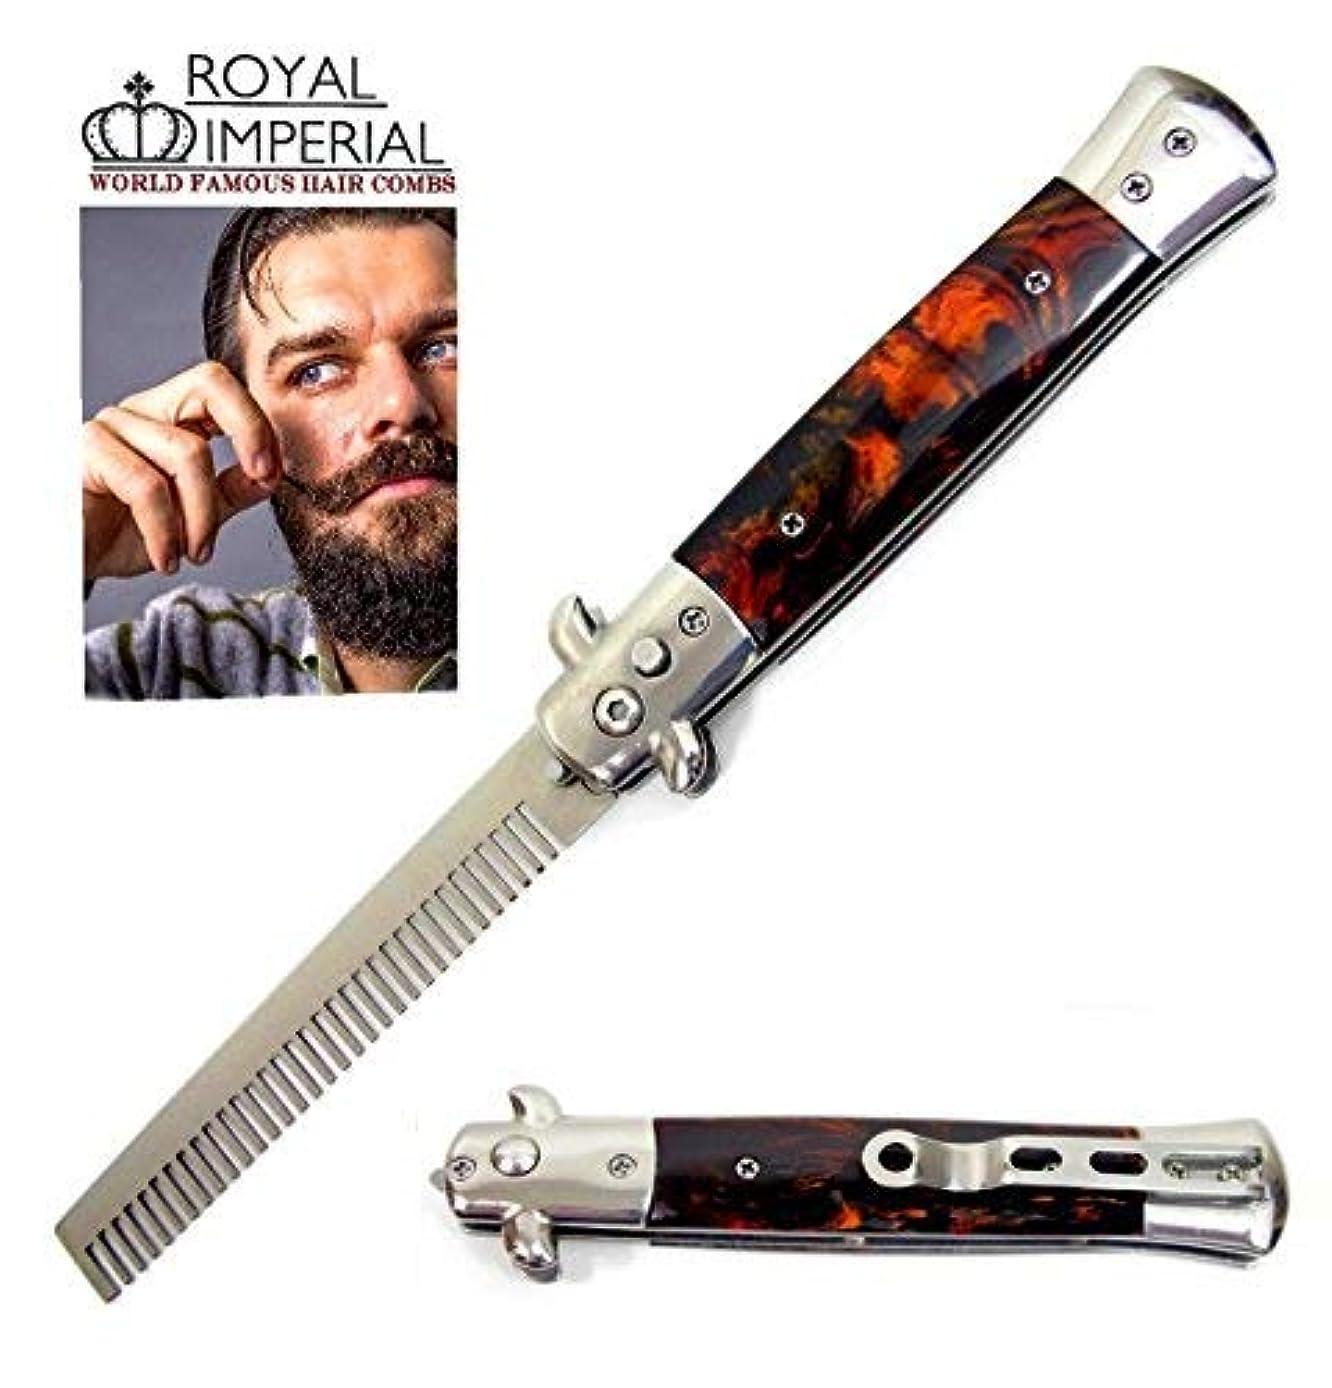 狐電子適合するRoyal Imperial Metal Switchblade Pocket Folding Flick Hair Comb For Beard, Mustache, Head TORTOISE SHELL FIRE...